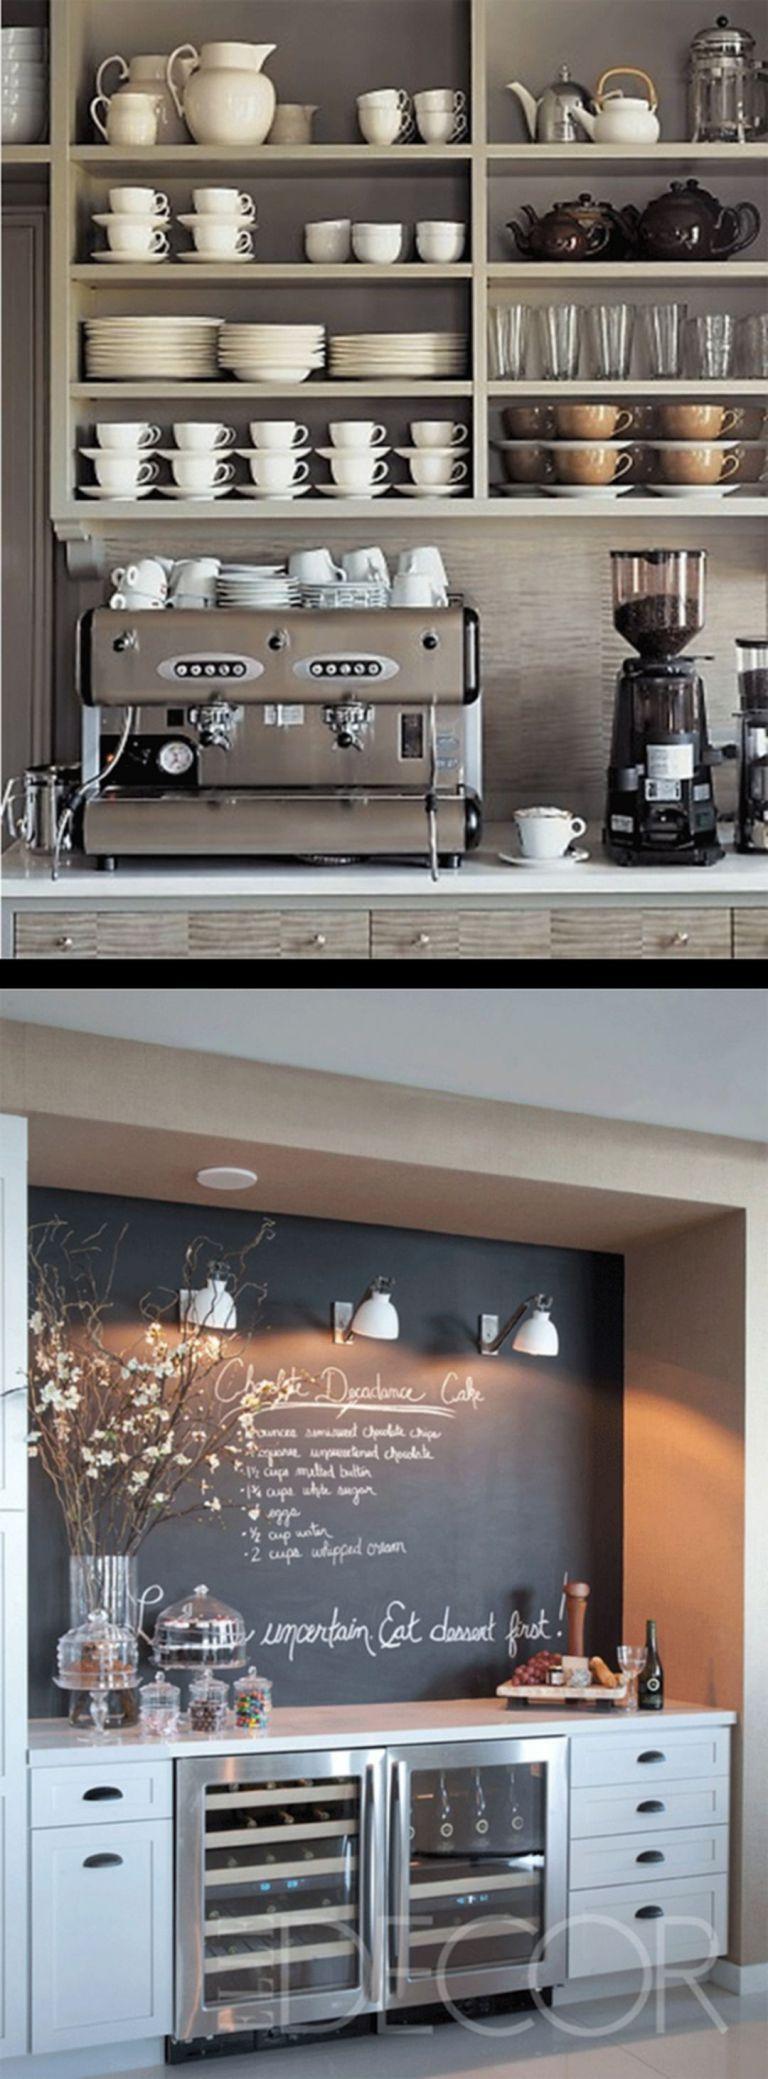 Elegant Home Coffee Bar Design And Decor Ideas 14200   Coffee bar home, Kitchen bar decor, Home ...